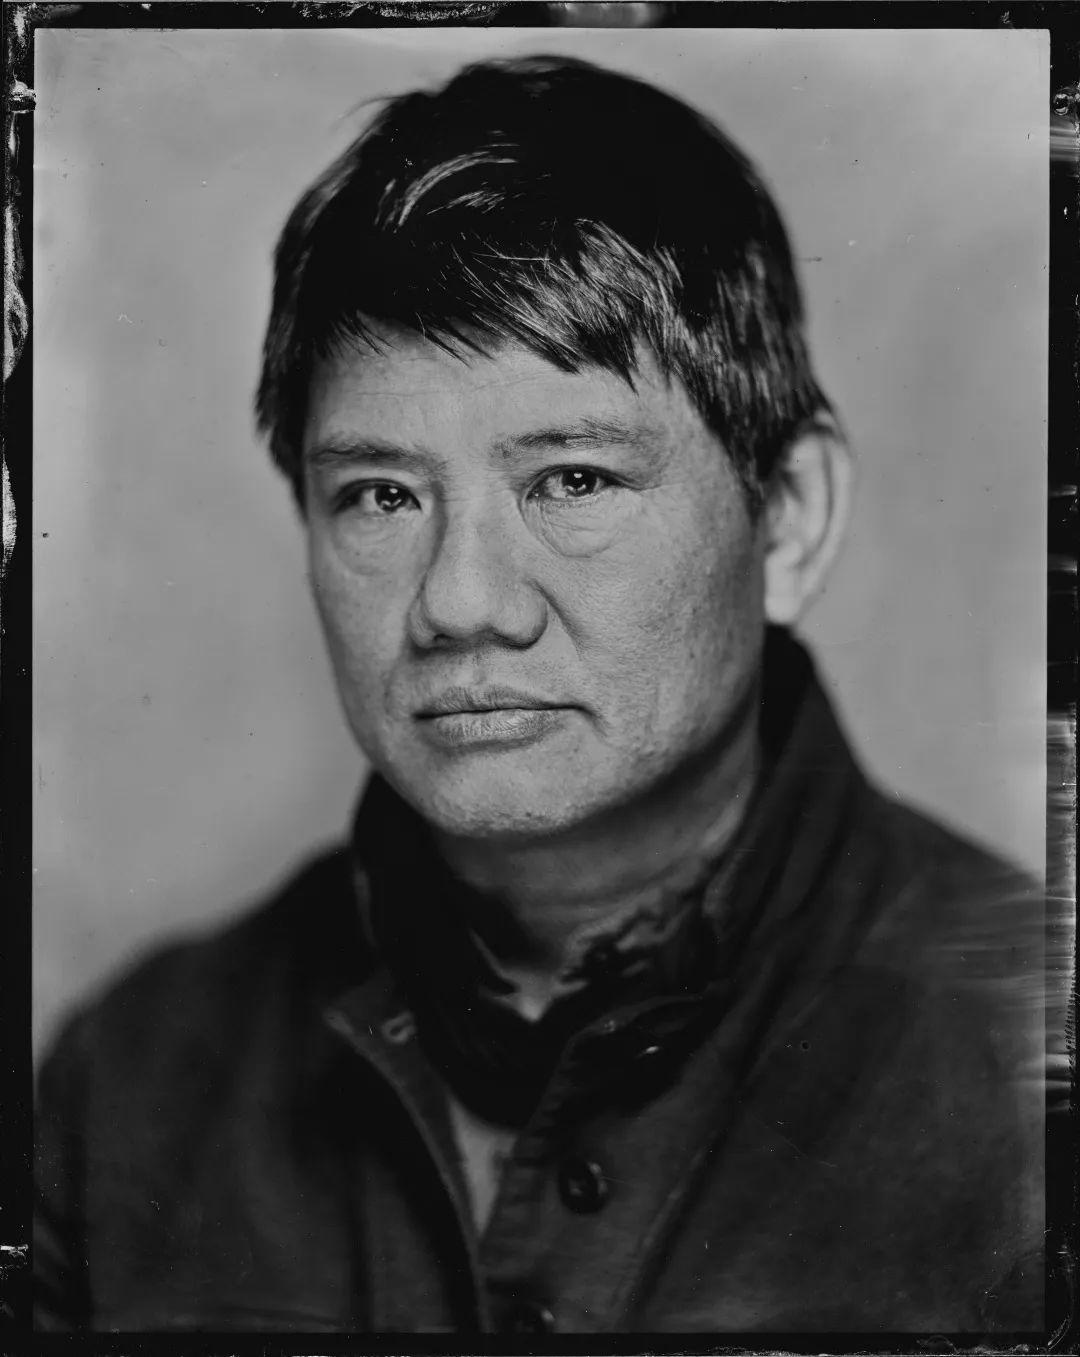 """梁硕恩 生于香港,居住在纽约和洛杉矶。他是加州大学尔湾分校的艺术教授。他的作品出现在光州双年展(2018年)、威尼斯双年展(2003年)、广州三年展(2008年)、维也纳忠利基金会、华沙乌亚兹多夫城堡当代艺术中心、柏林NGBK、加拉卡斯的萨拉门多萨、惠特尼双年展(1993年)、纽约现代艺术美术馆、洛杉矶当代艺术馆和洛杉矶哈默美术馆等。梁硕恩创作过的项目包括格里菲斯公园的歌剧,探讨艾滋病问题的现场表演及视频,关于""""越南战争的剩余空间""""的三部曲,作为伦理话语的杜尚作品的延伸提案,借艾伦·坡以思考现场/非现场的辩证关系的作品,以蹲姿为表现对象的场景特定作品,探讨艺术与劳动交错点的""""艺术工作者剧院"""",以及与华伦·尼思拉佐斯基持续了二十多年的合作。"""